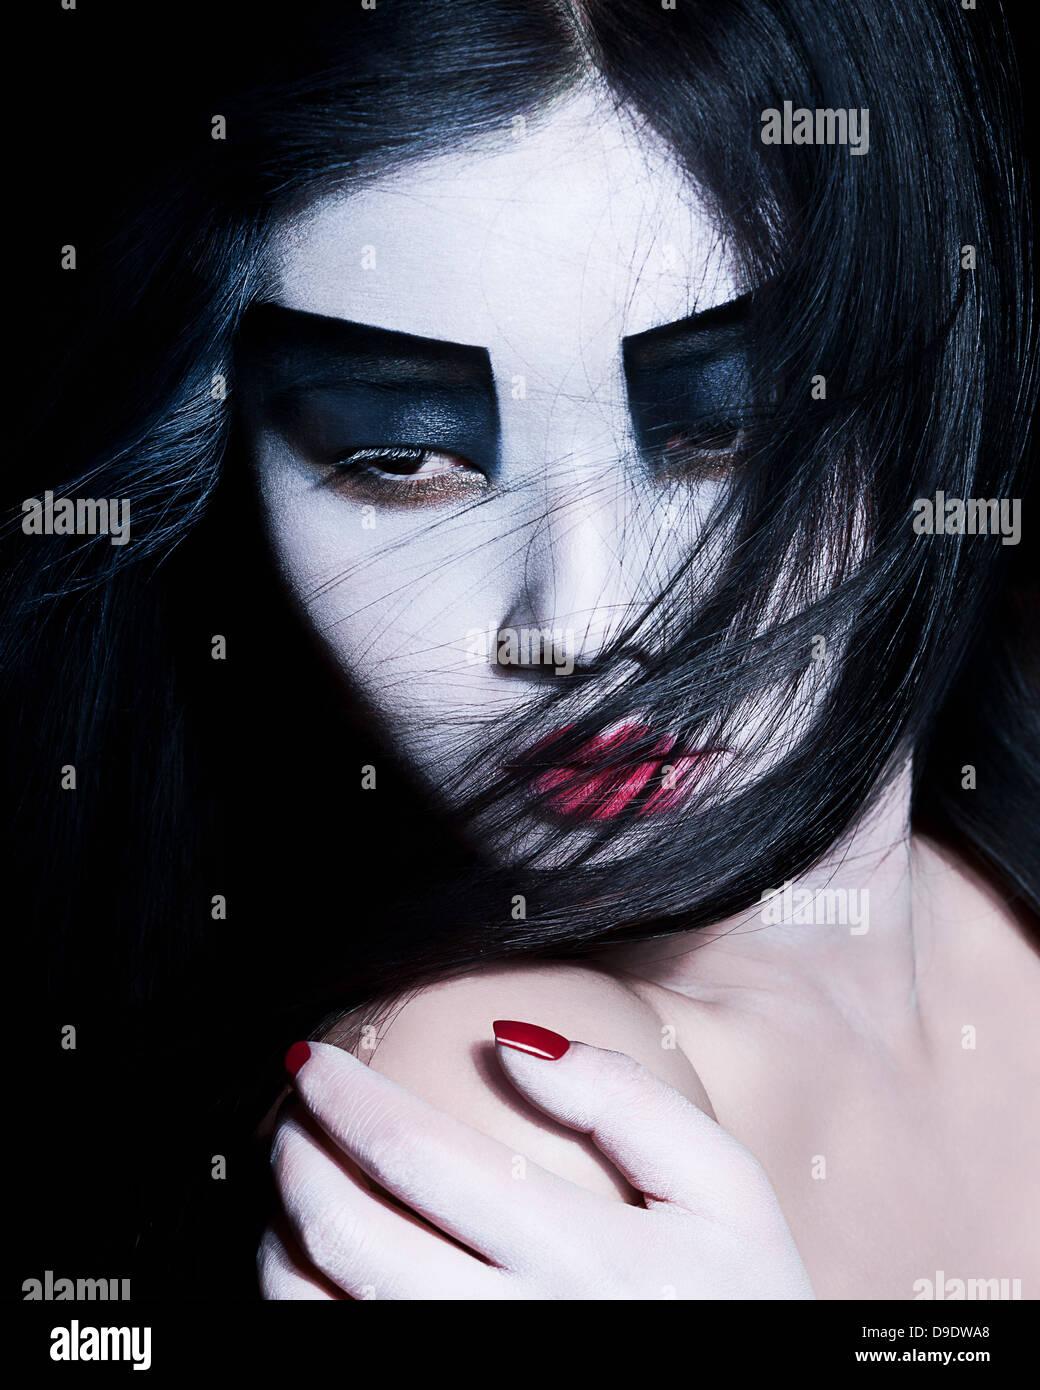 Jeune femme avec le fard à paupières noir, maquillage dramatique Photo Stock